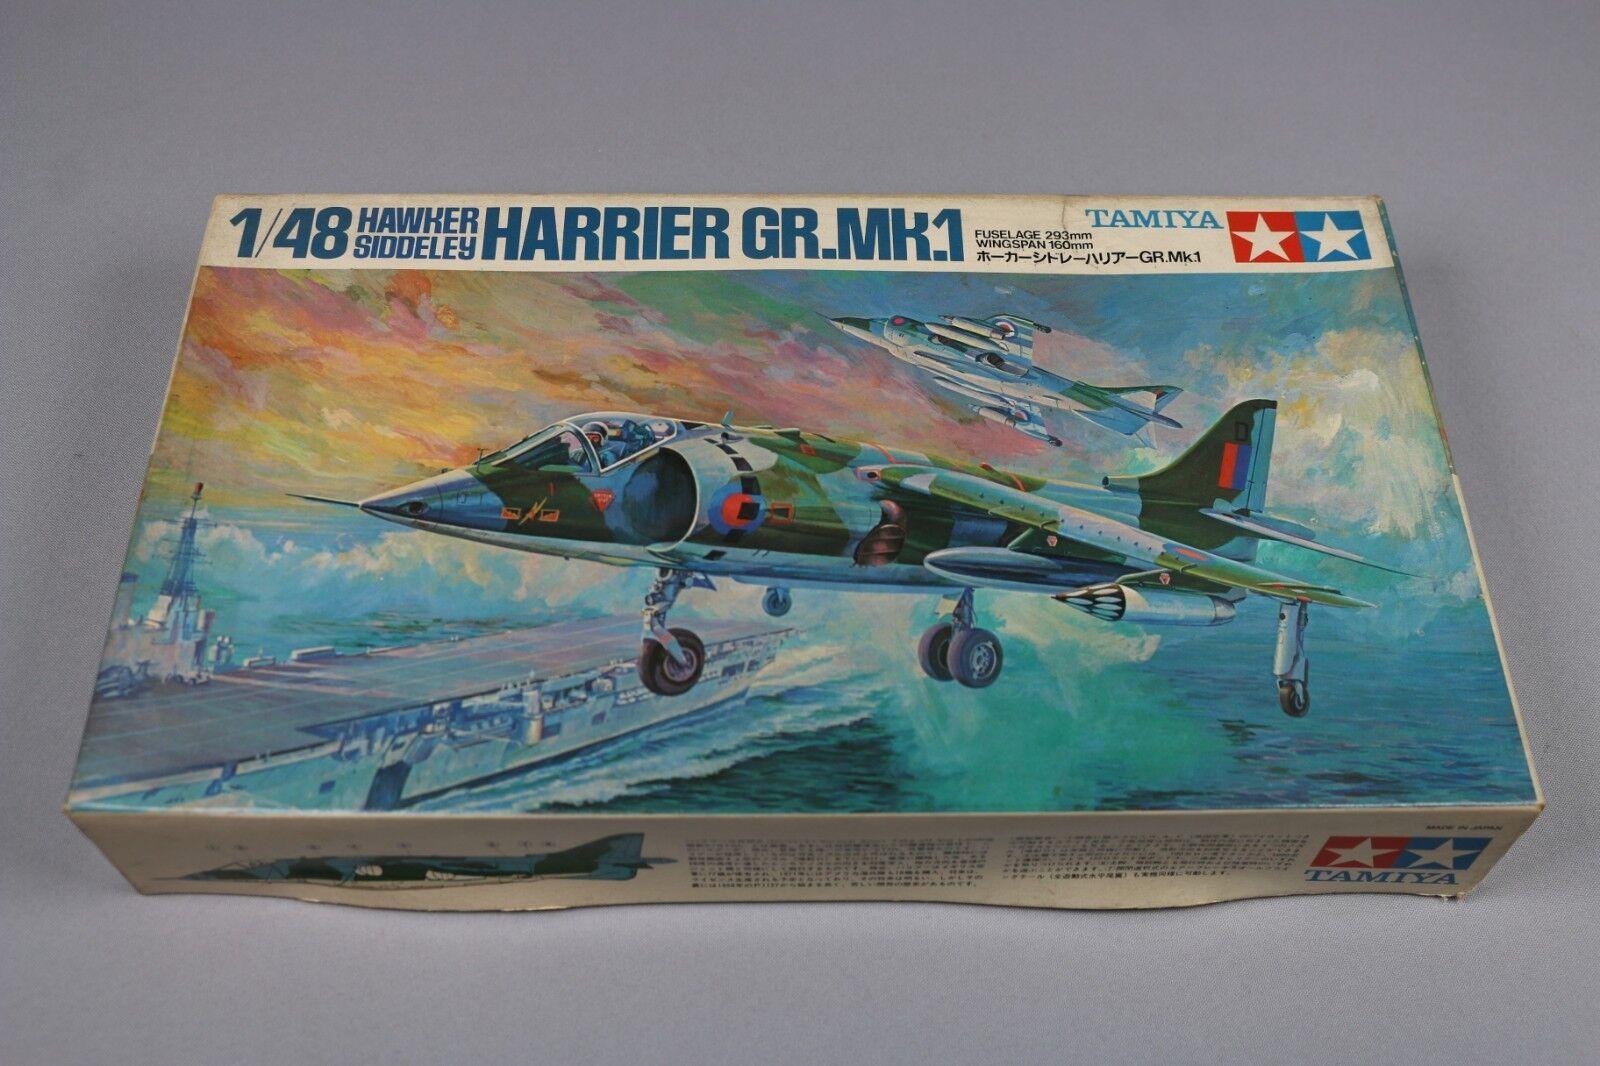 Zf494 Tamiya 1 48 Modelll Flugzeug No. Ma112 Hawker Siddeley Harrier Gr.mk.1